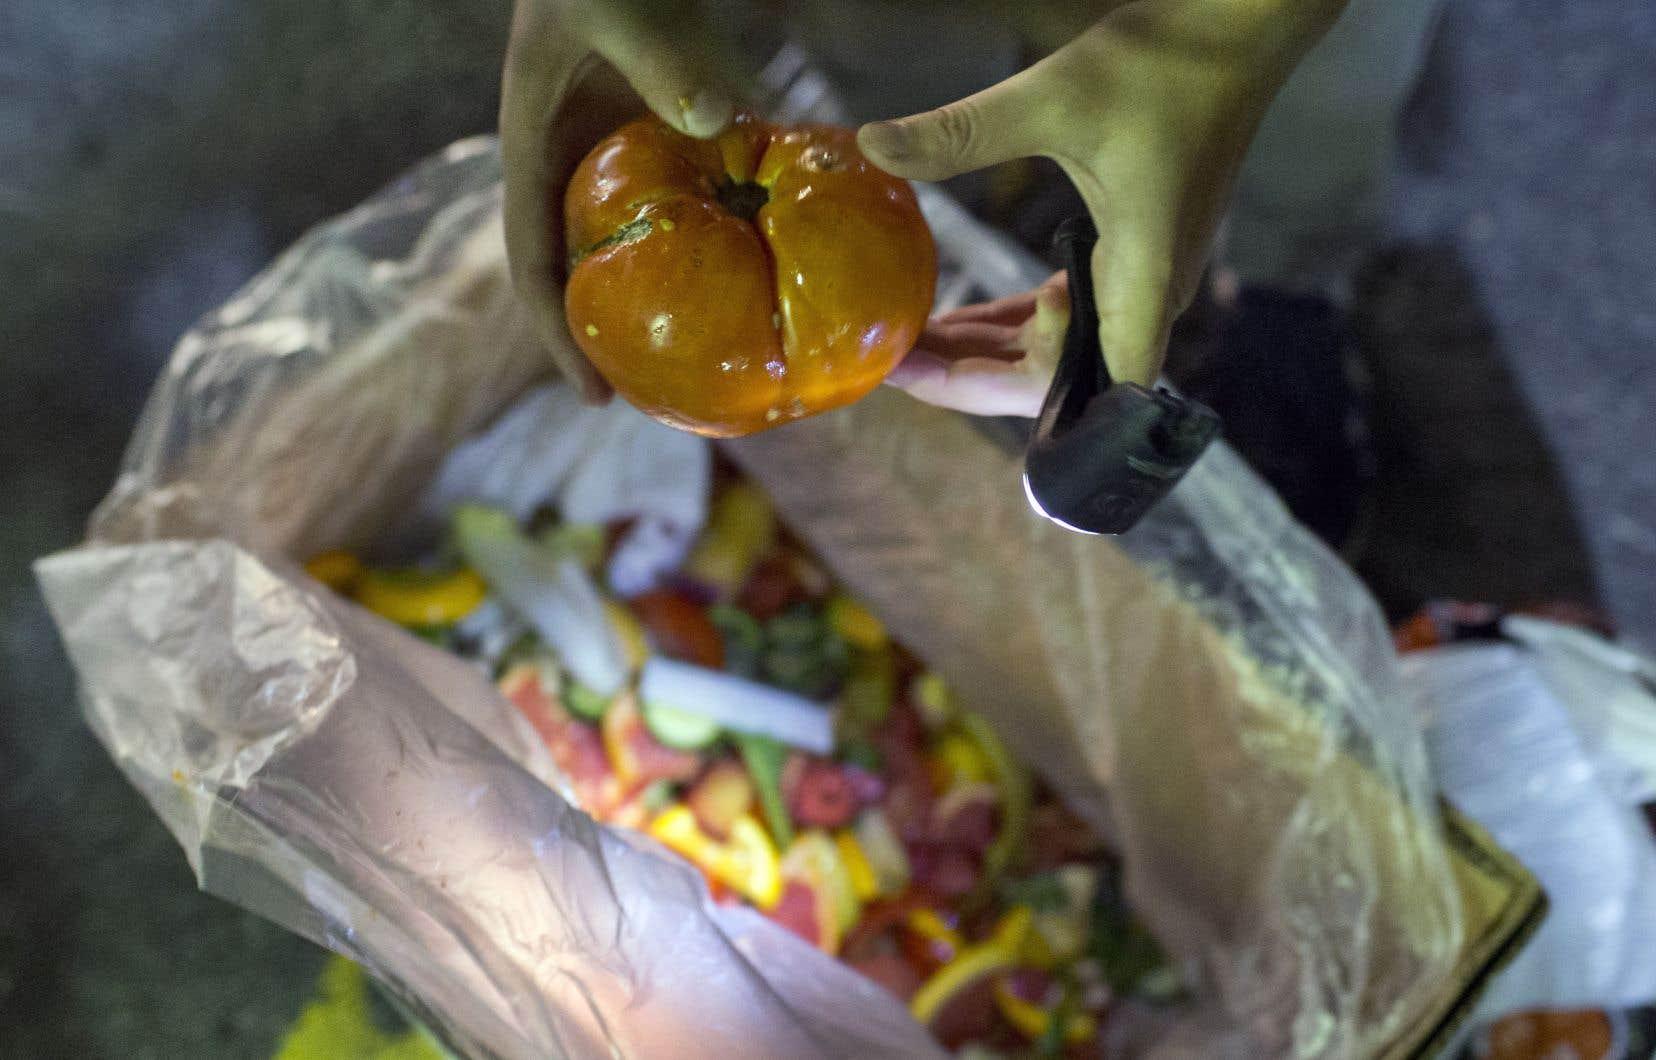 L'un des projets du Système alimentaire montréalais a pour objectif de réduire le gaspillage alimentaire.